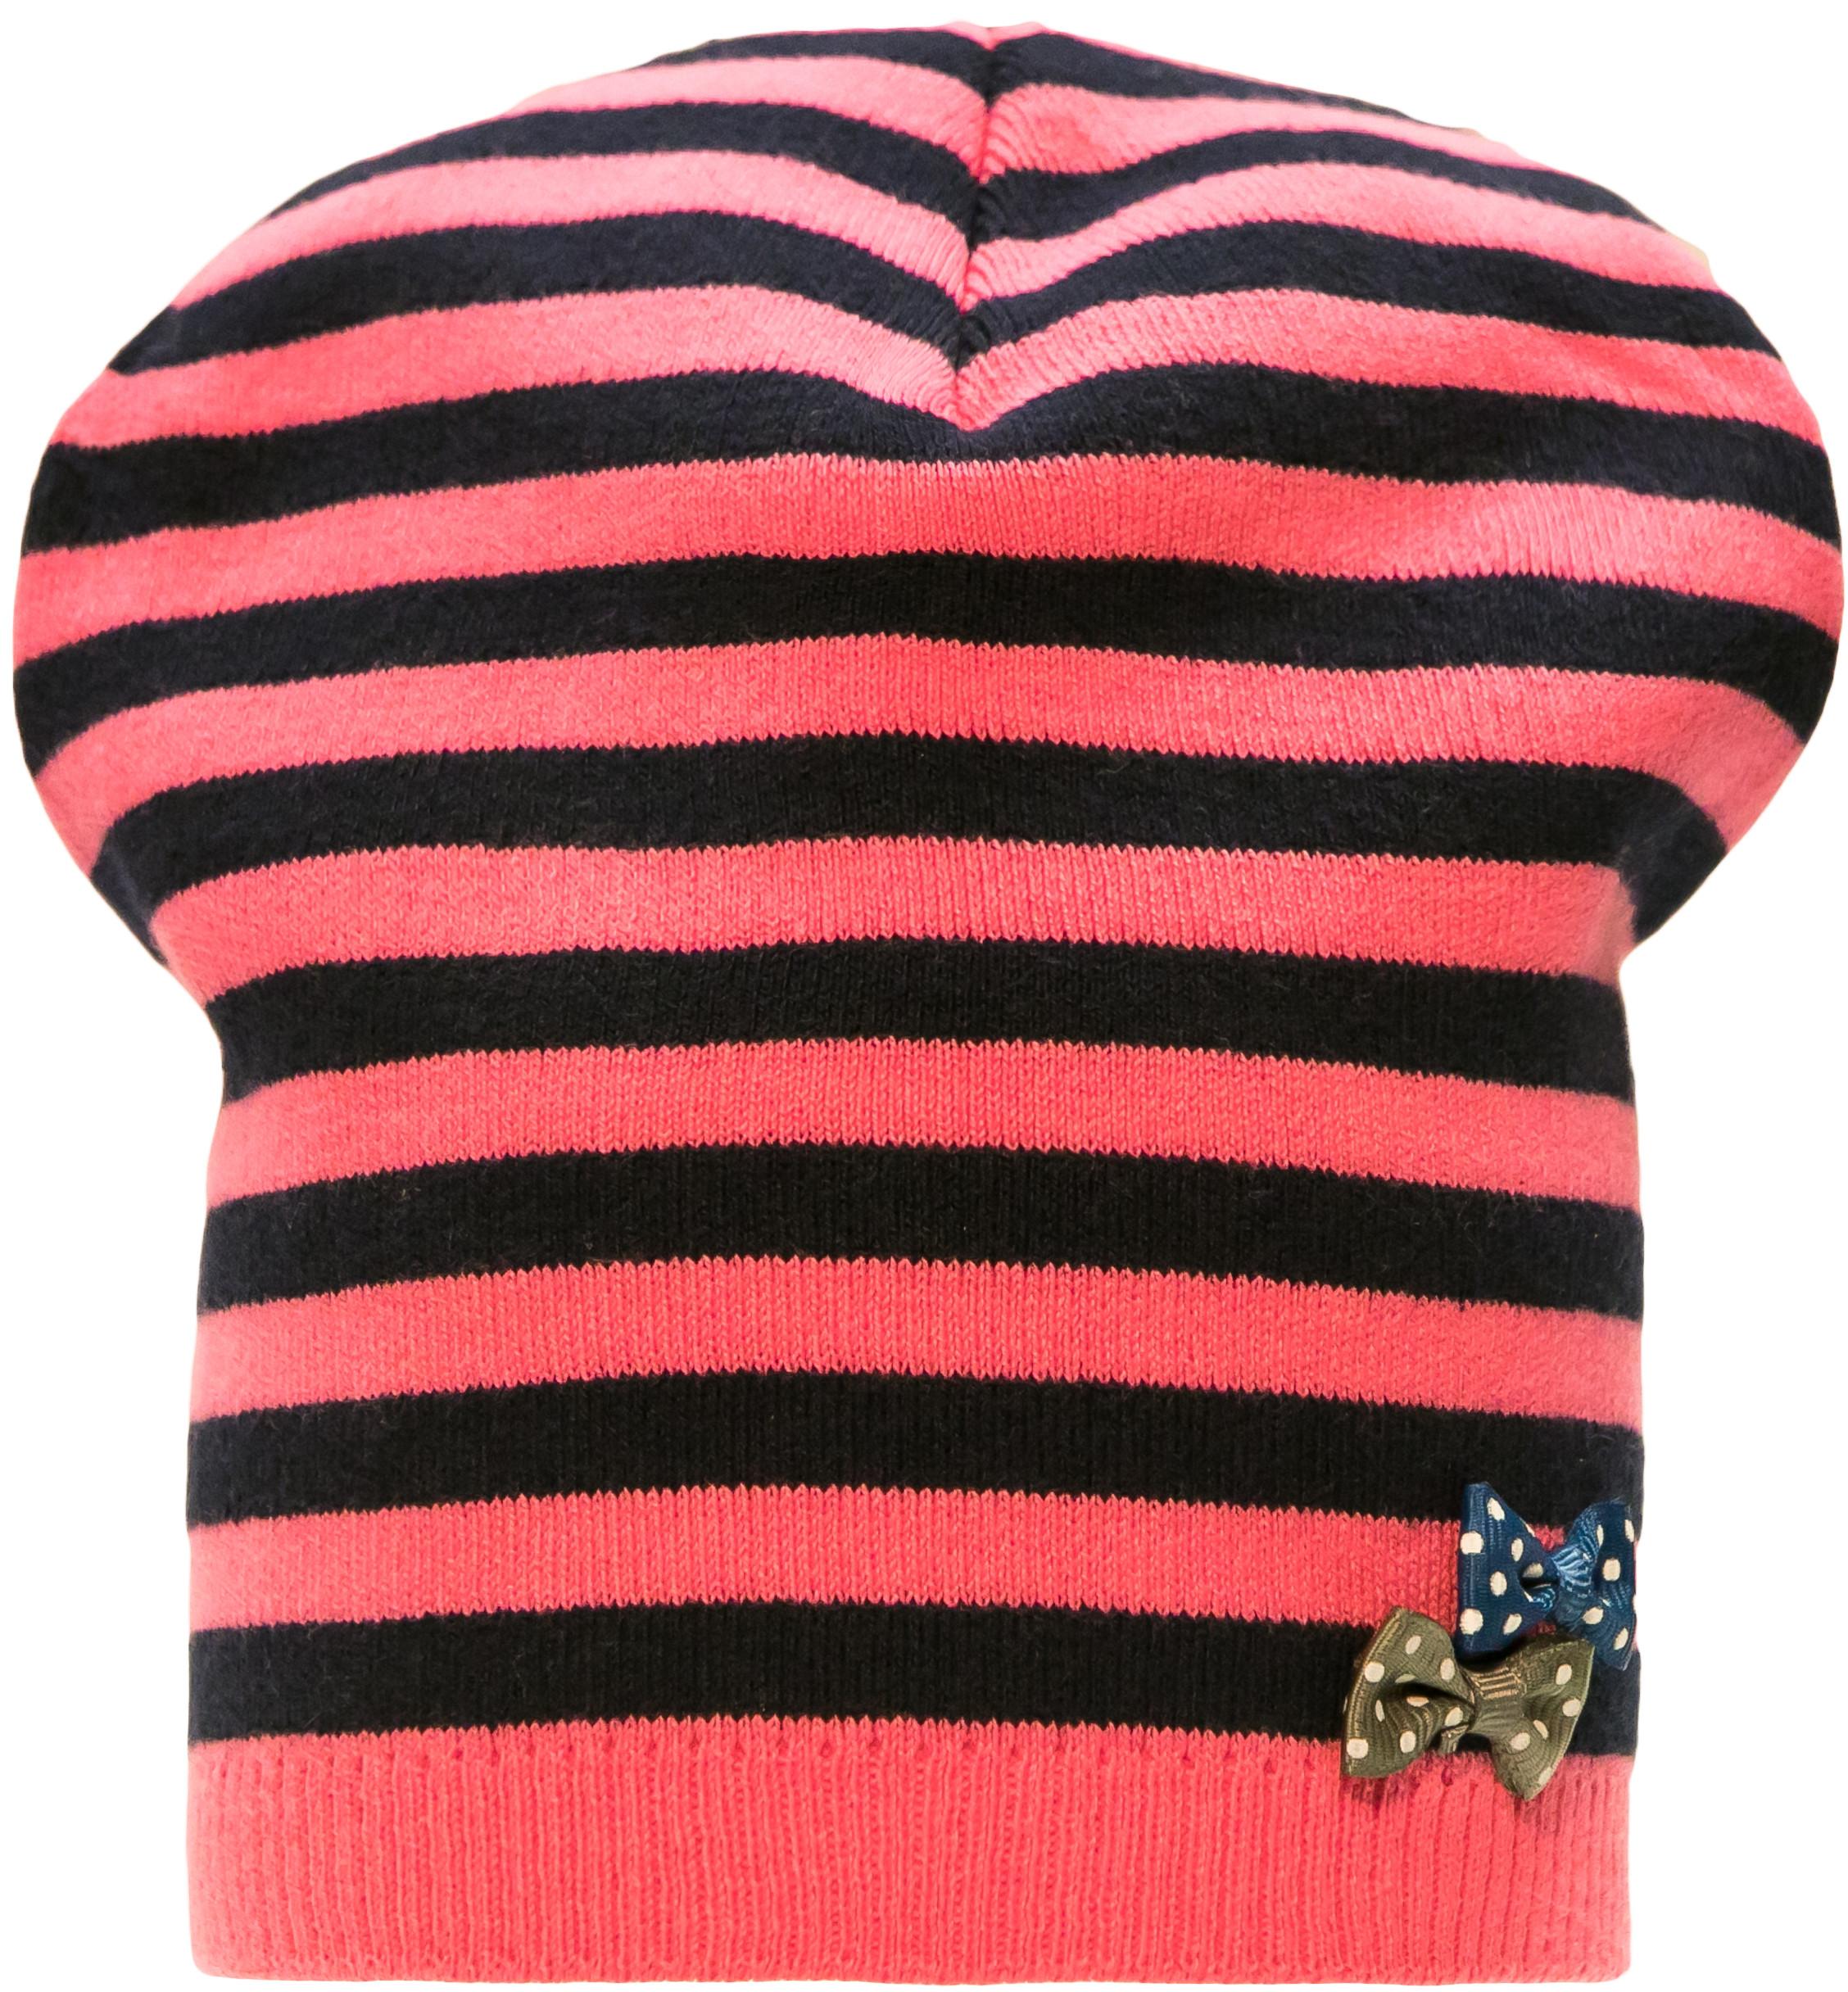 Купить Головные уборы, Шапка для девочки Barkito, розовый с рисунком в полоску, Россия, Женский